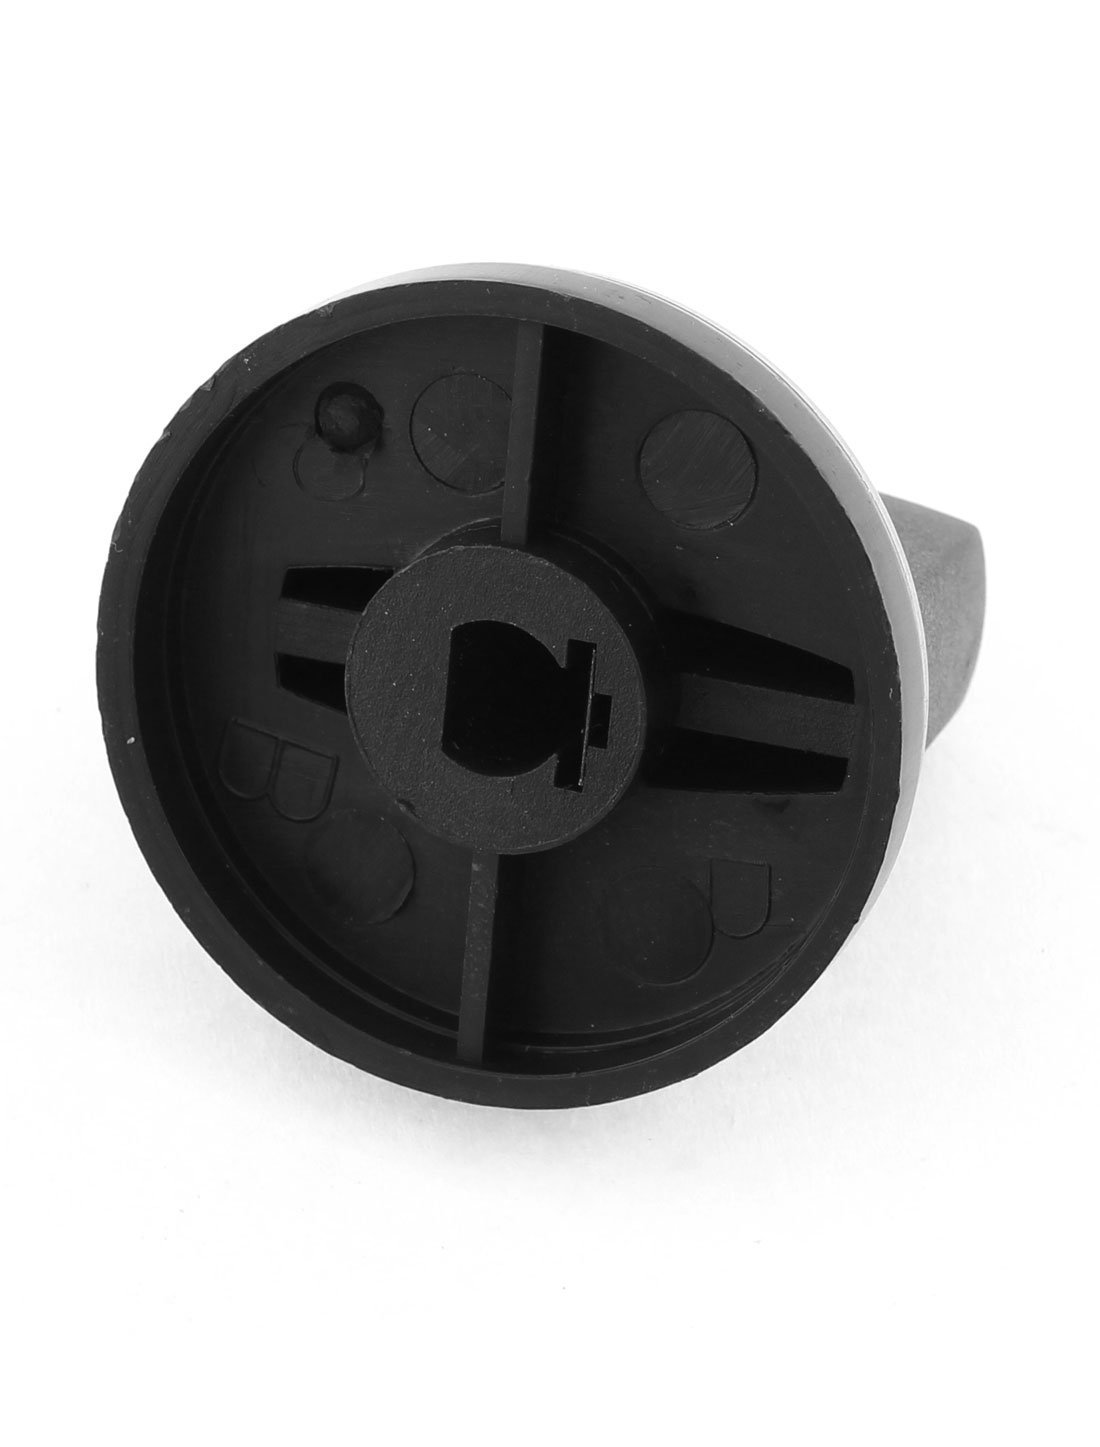 Amazon.com: Hogar Cocina de gas Horno Horno de control del selector giratorio Perillas 5 x: Kitchen & Dining